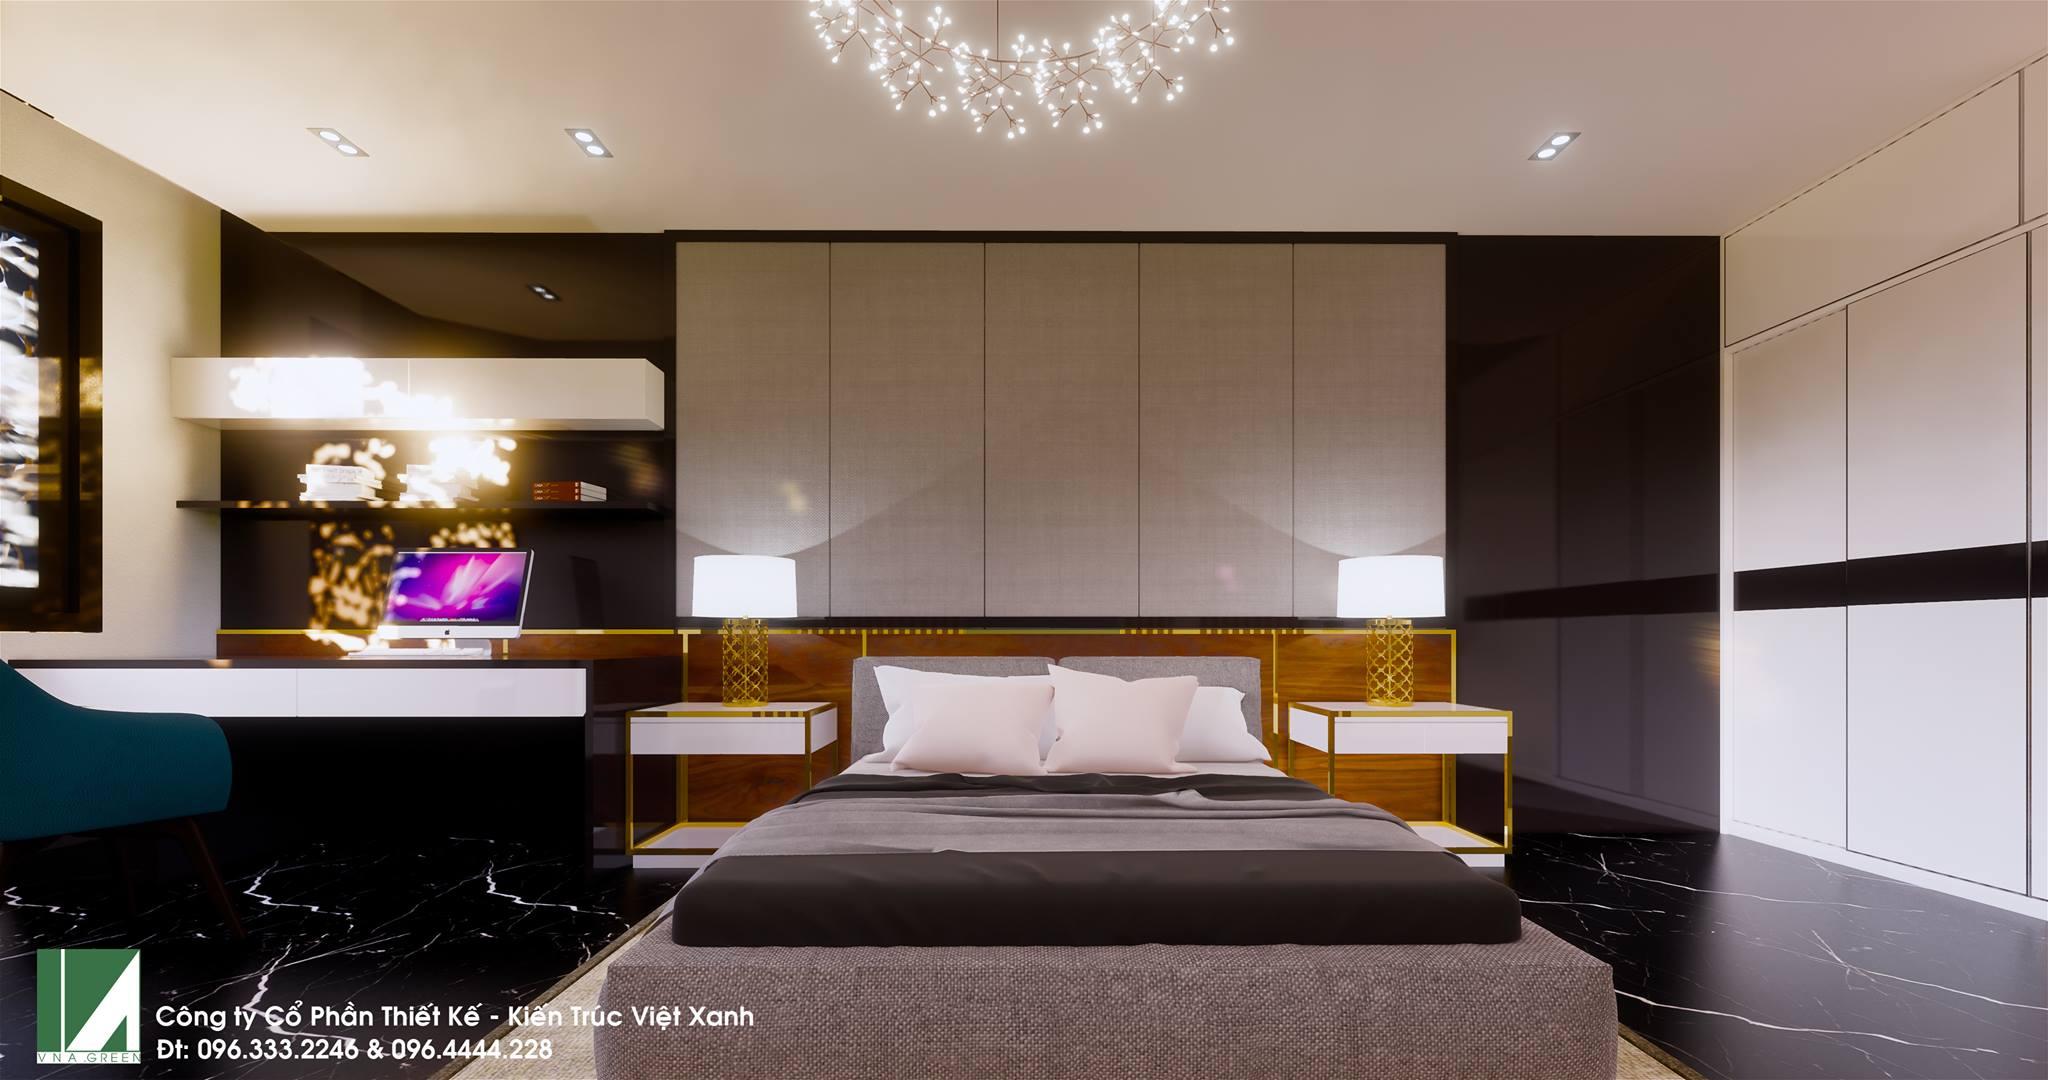 mẫu thiết kế nội thất nhà phố 4 tầng mặt tiền 5m